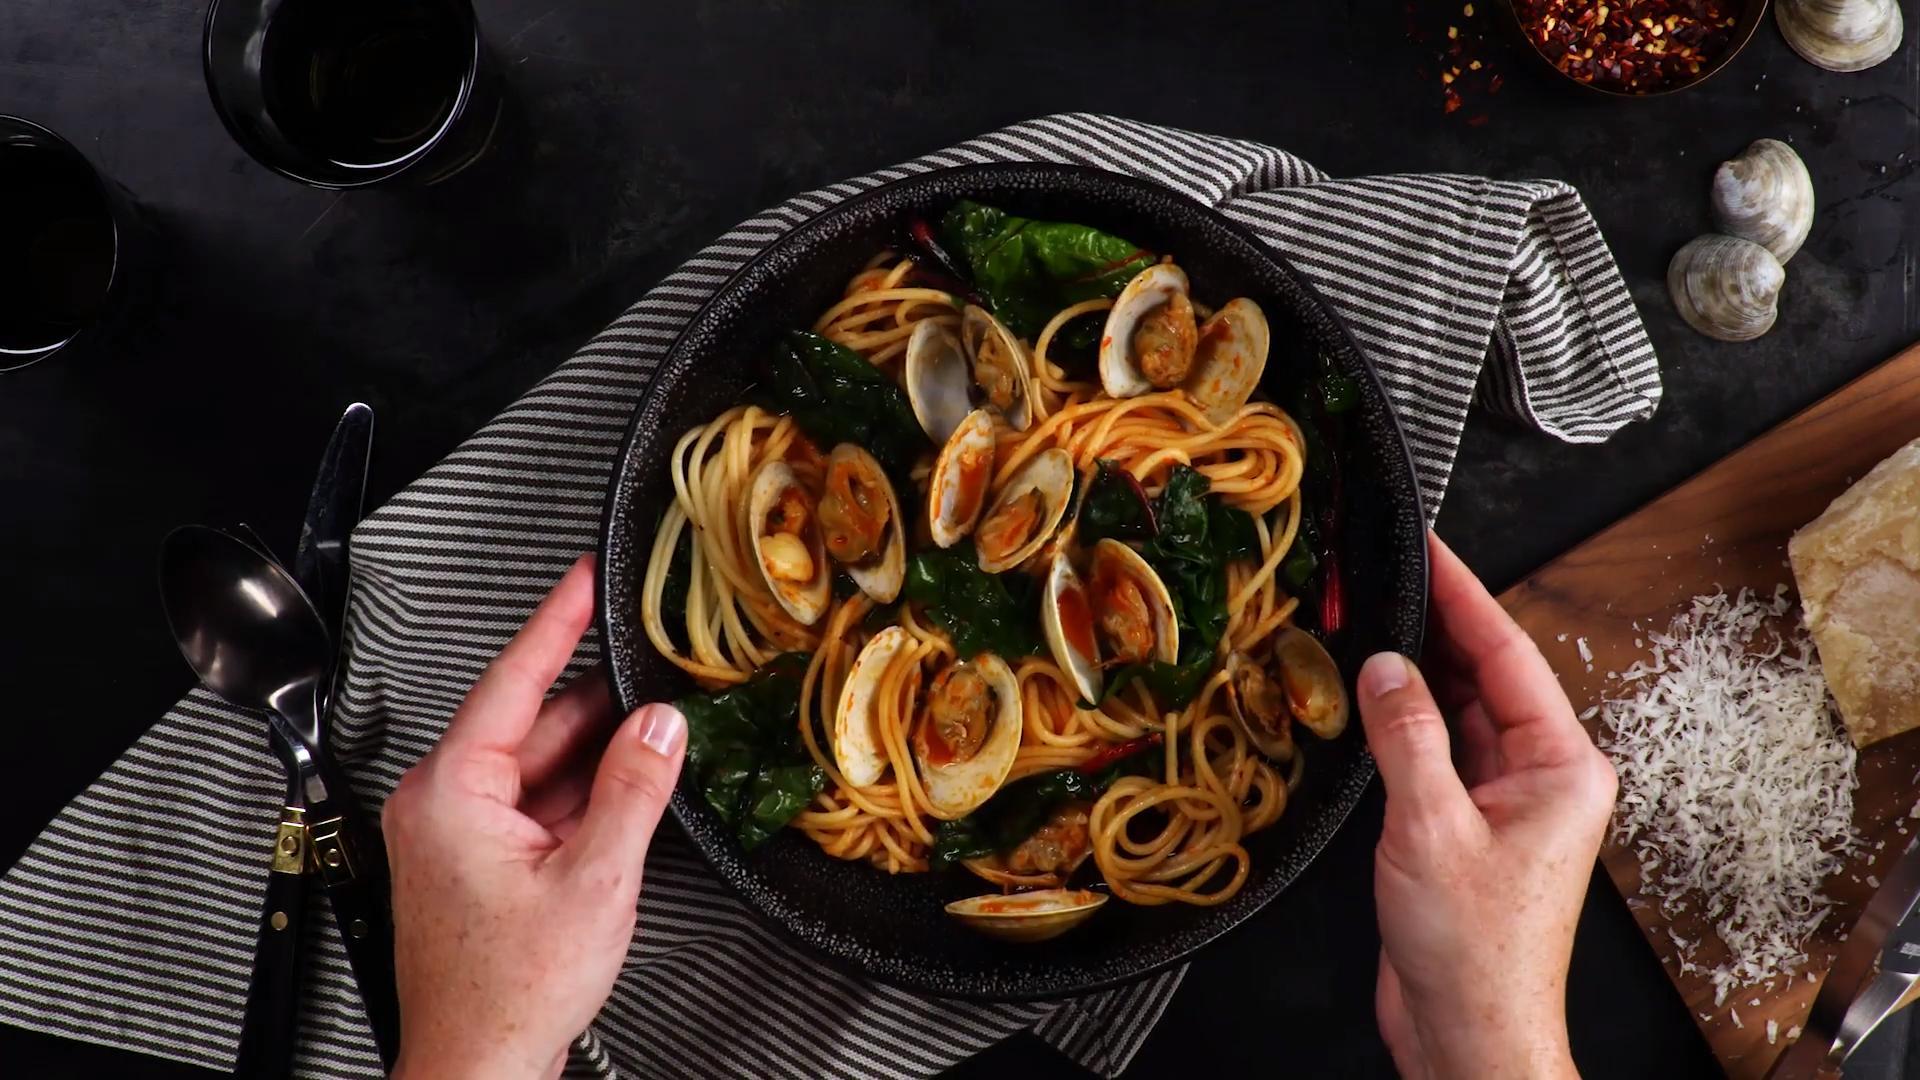 蛤蜊烩青菜意大利面